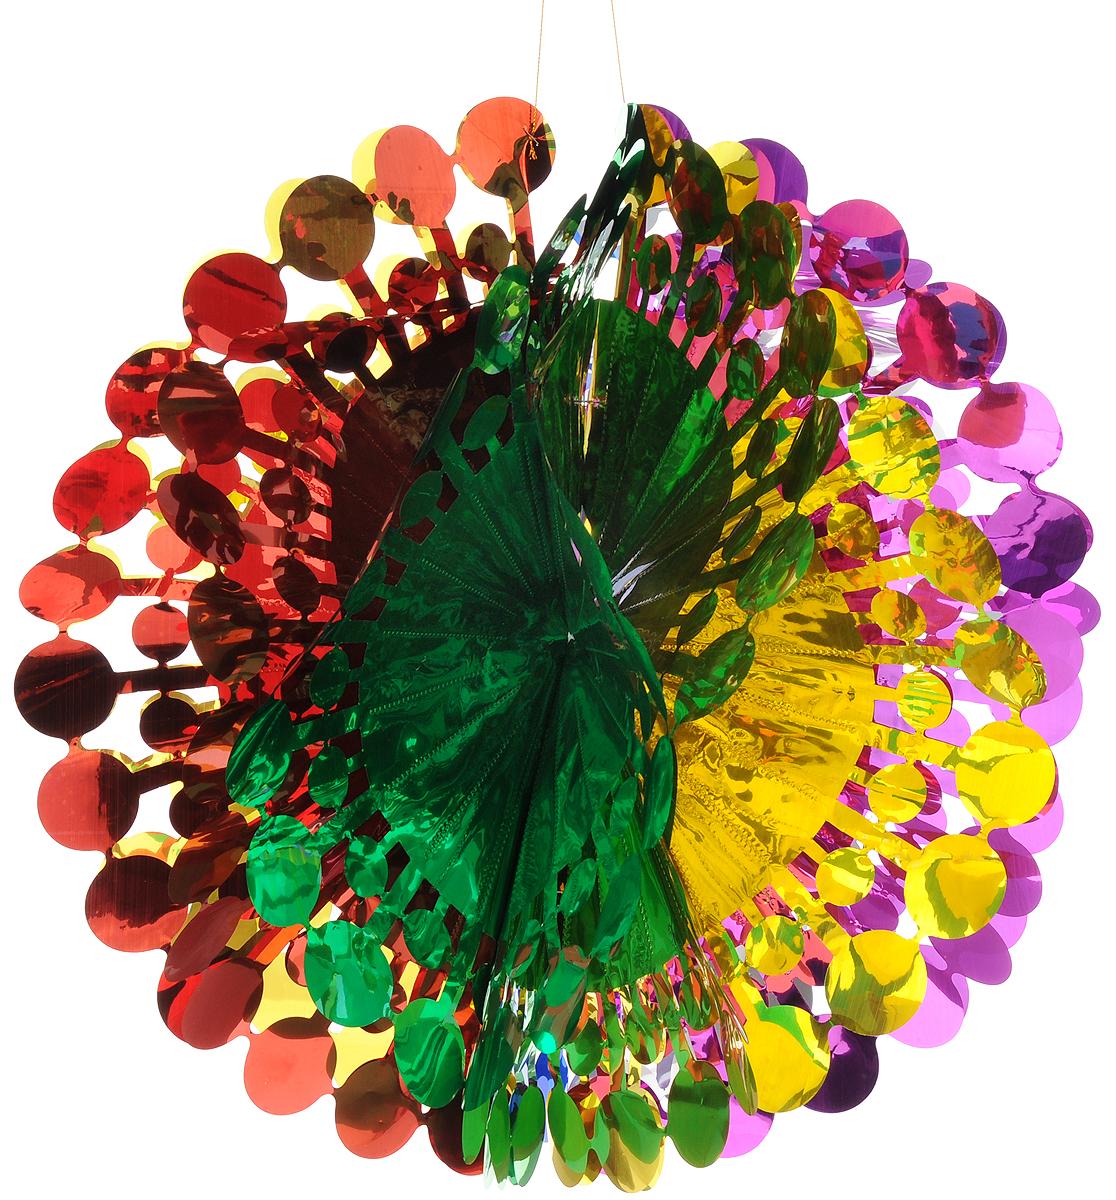 Украшение новогоднее подвесное Magic Time Шар цветной, 47 x 24 см новогоднее украшение crystal deco шар капля в ассортименте